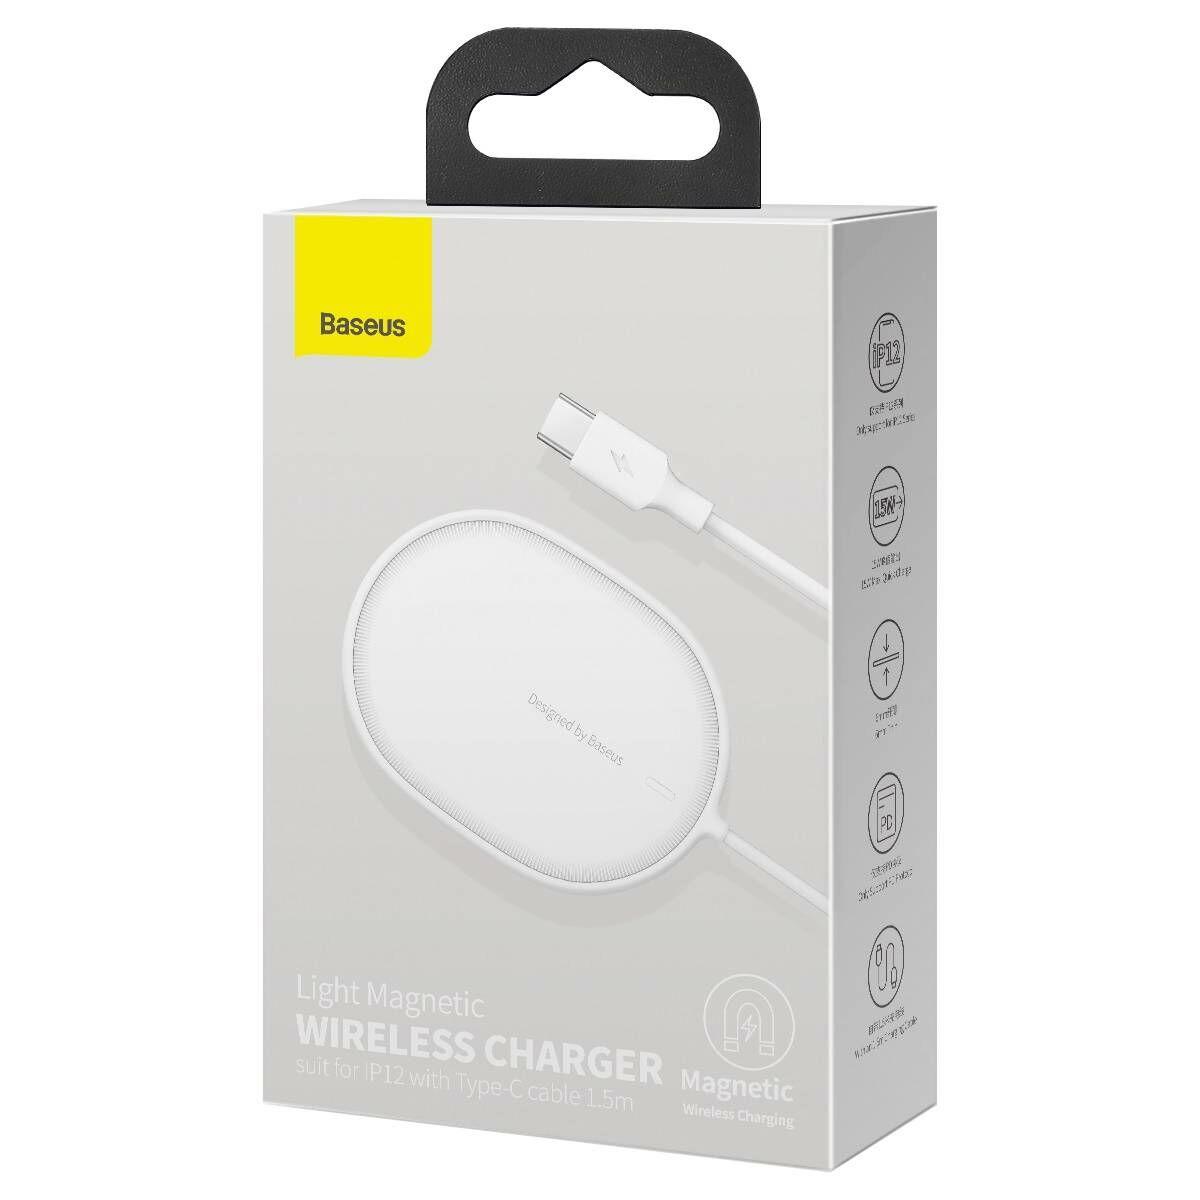 Baseus vezeték nélküli töltő, Light Magnetic, iPhone 12 modellhez (Type-C kábel 2A, 1.5m) 15W, fehér (WXQJ-02)